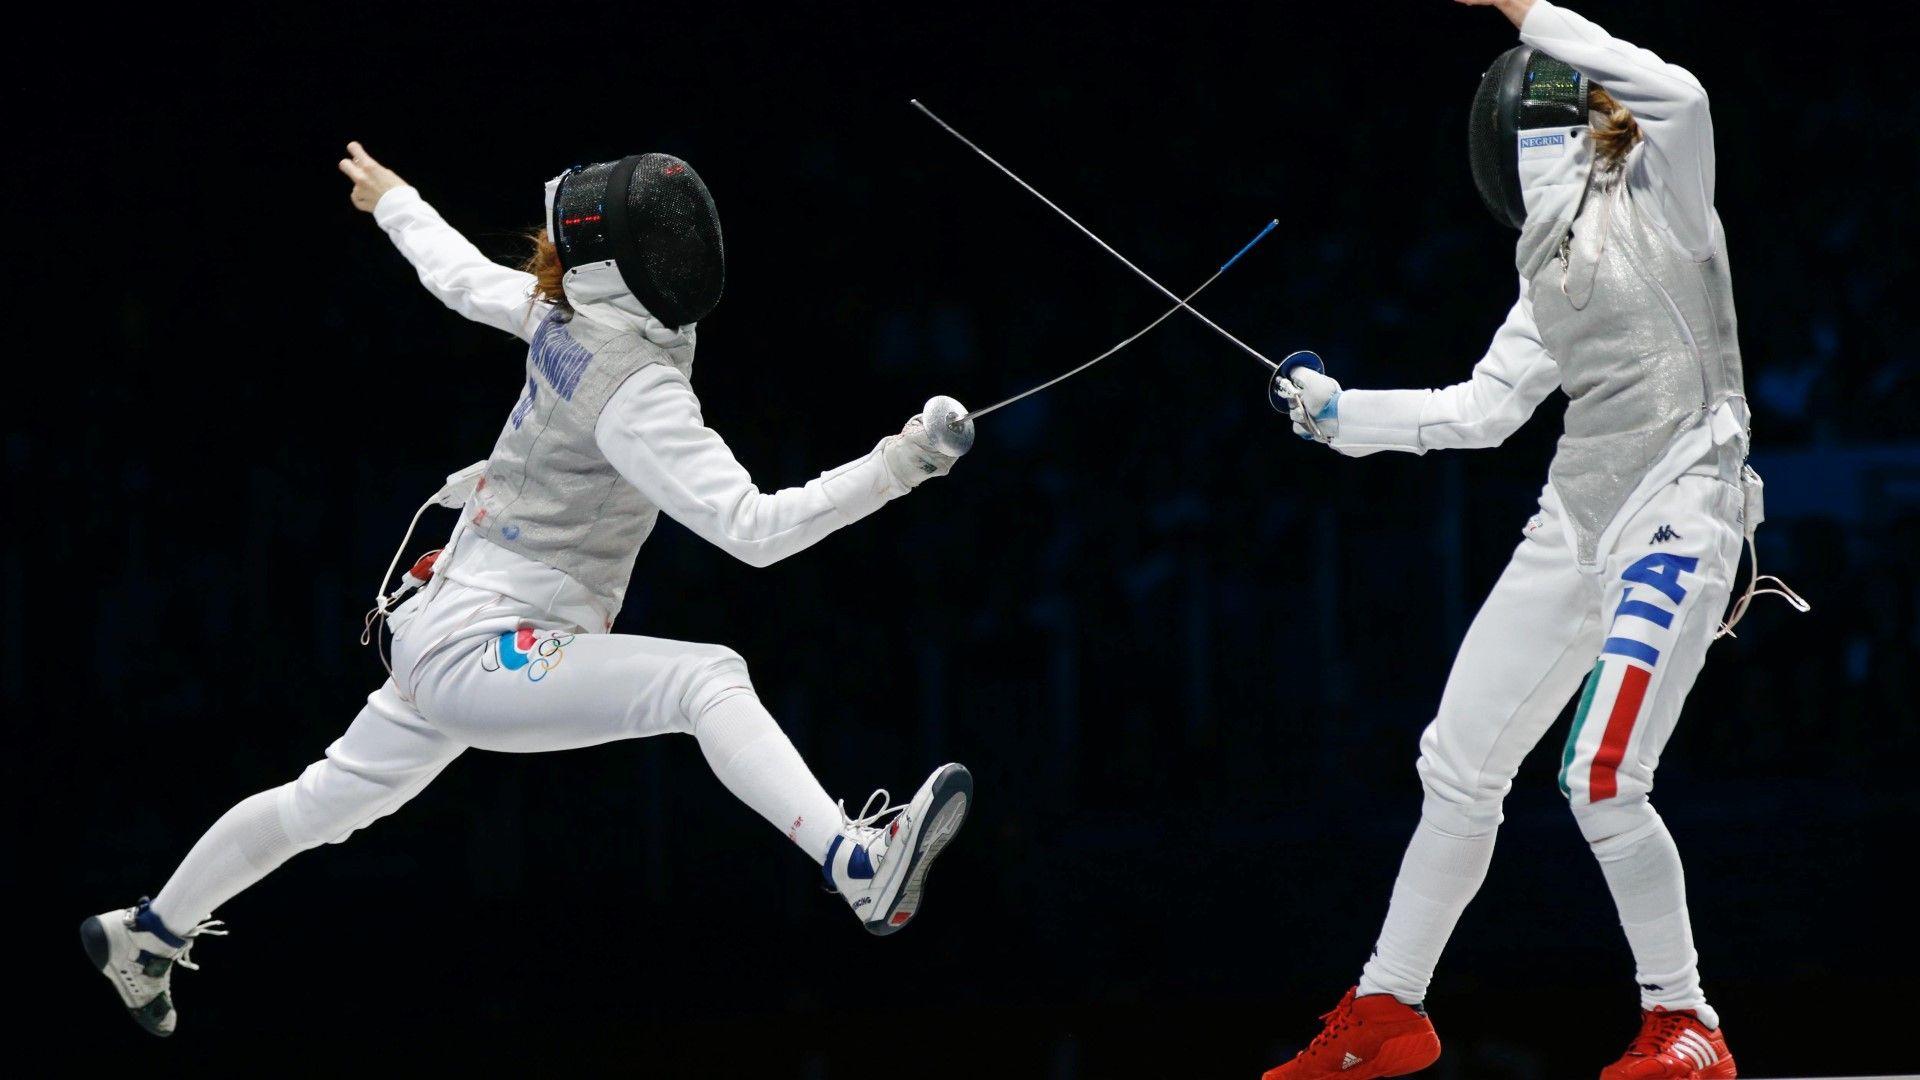 Fencing image